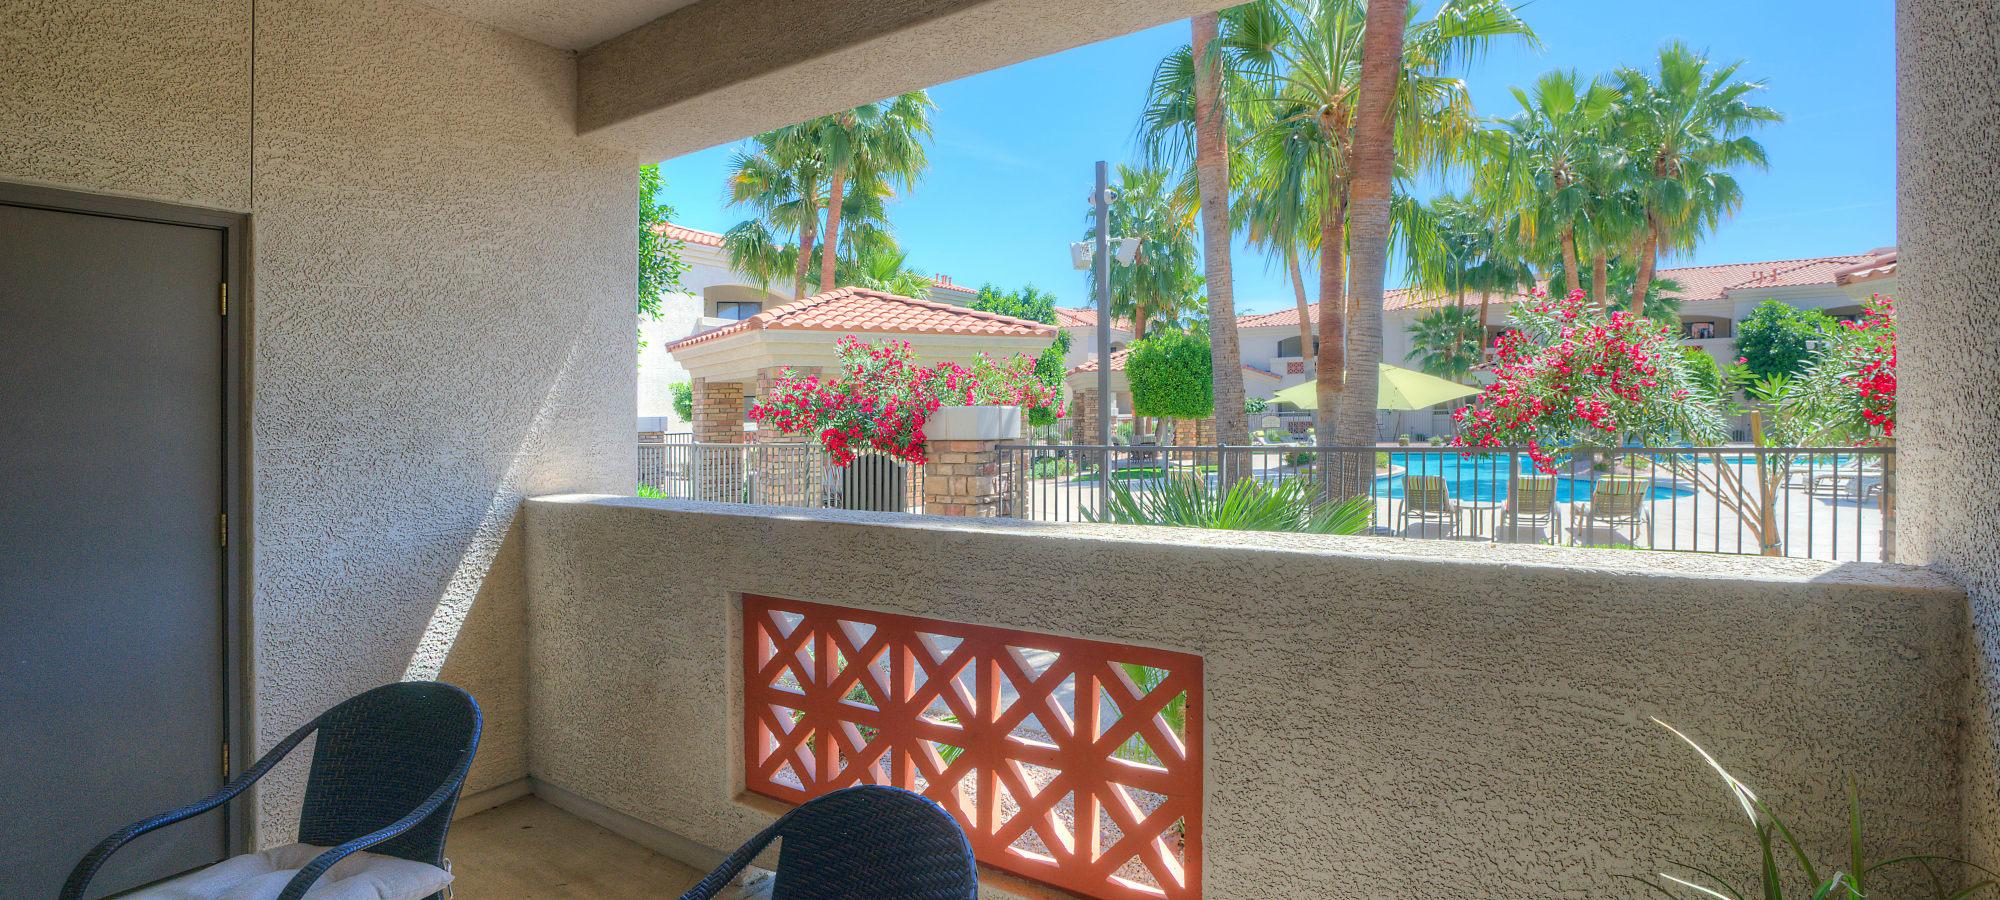 Private patio at San Prado in Glendale, Arizona